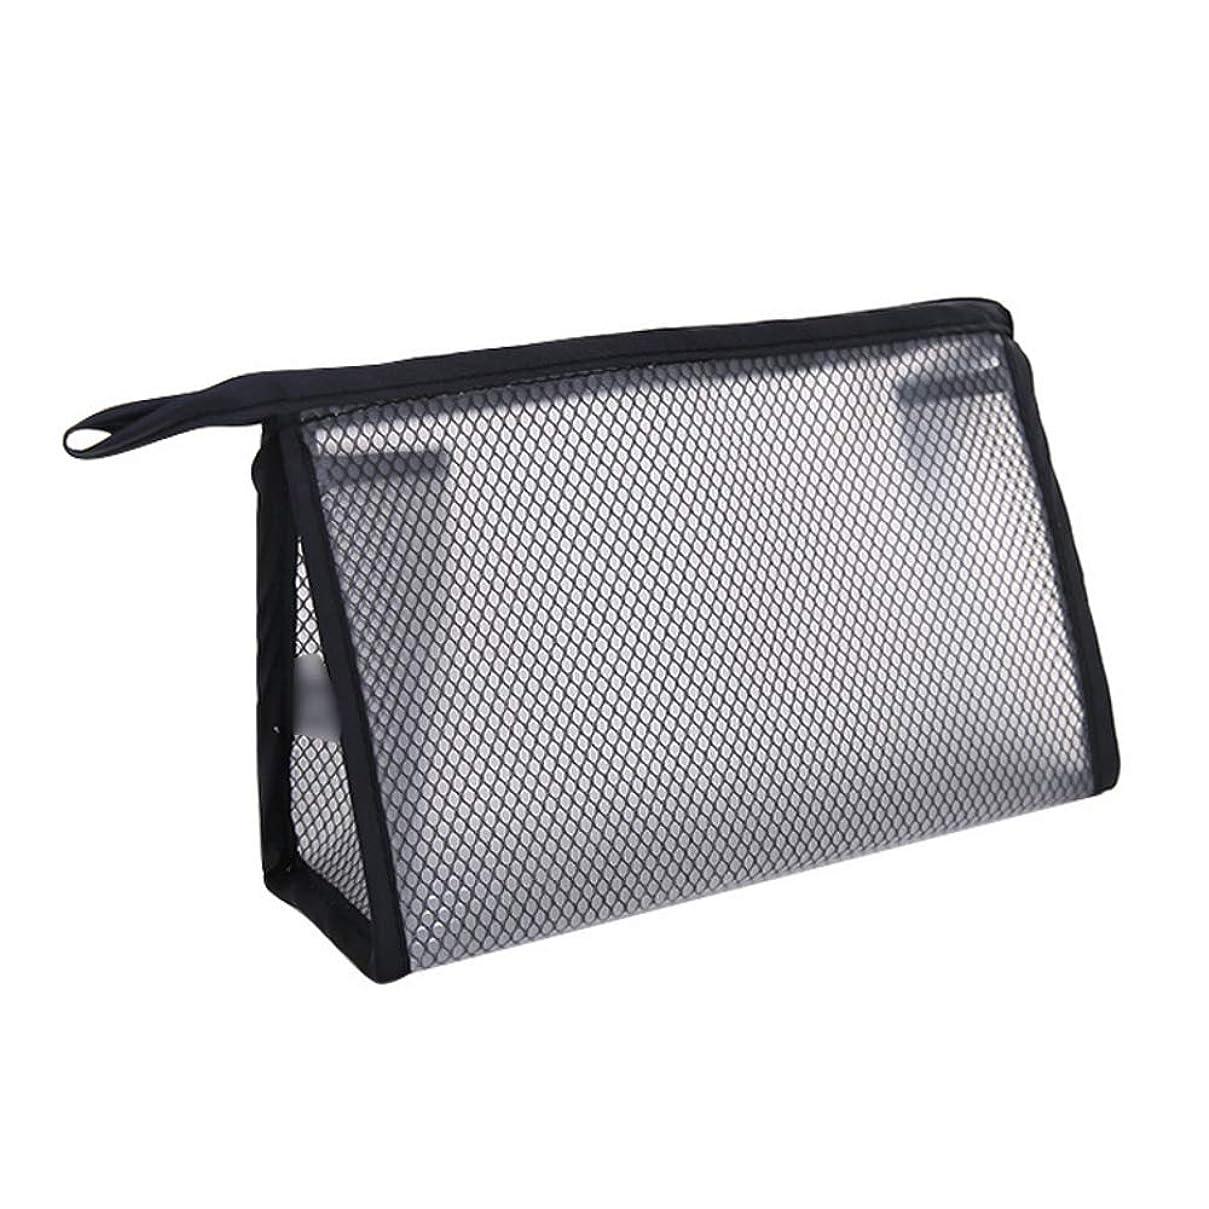 内側証拠入口化粧ポーチ メッシュ 洗面用具入れ トラベル 軽量 便利 ブラック